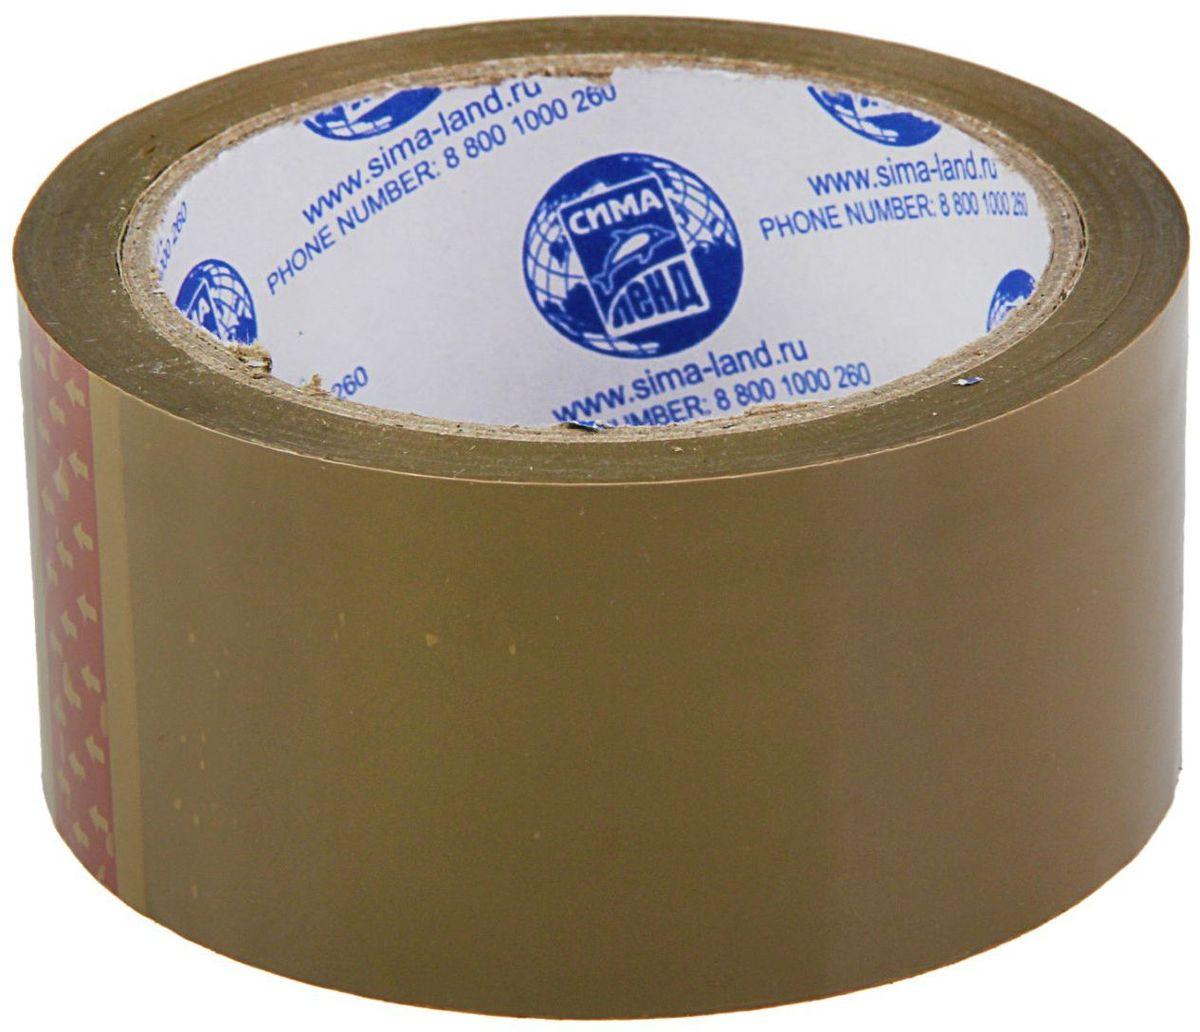 Клейкая лента 48 мм х 66 м цвет темно-коричневыйFS-00103Упаковочная клейкая лента изготовлена из двуосноориентированного полипропилена (ВОРР) высокой прочности с нанесением клеевого слоя с одной стороны ленты.Она универсальна и используется, в основном, для заклейки гофрокоробов, оклеивания различных грузов, обернутых в стрейч-пленку или в полиэтиленовую пленку.Не следует клеить ленту непосредственно на неупакованную продукцию, так как следы клея плохо отмываются.